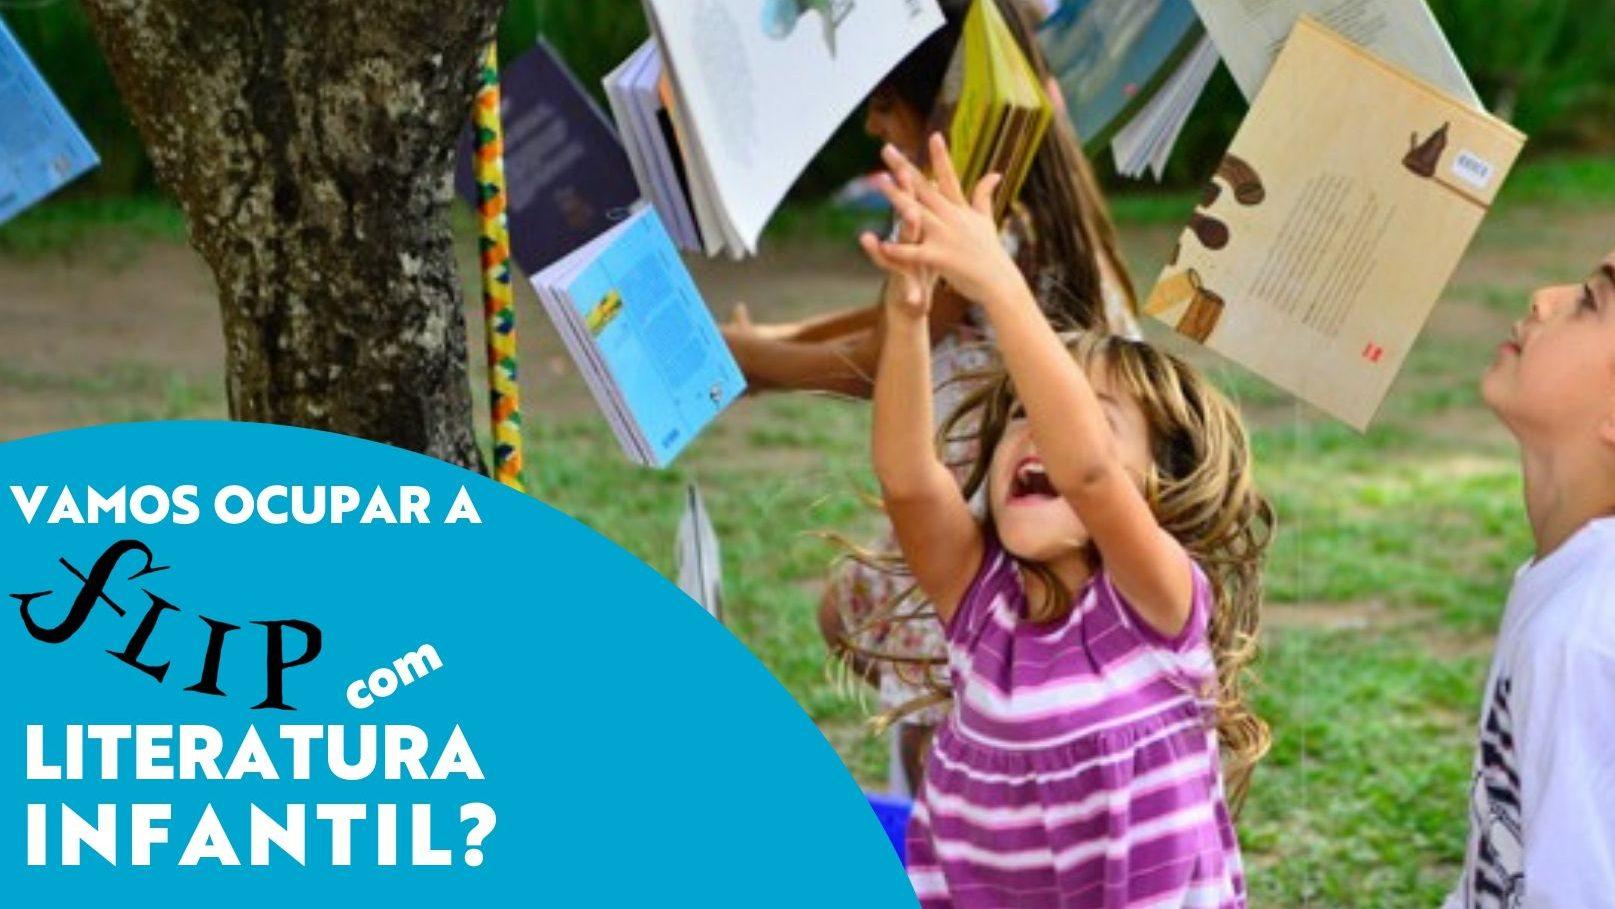 Flip 2019: confira a programação do Clube Quindim e baixe a programação infantil completa!